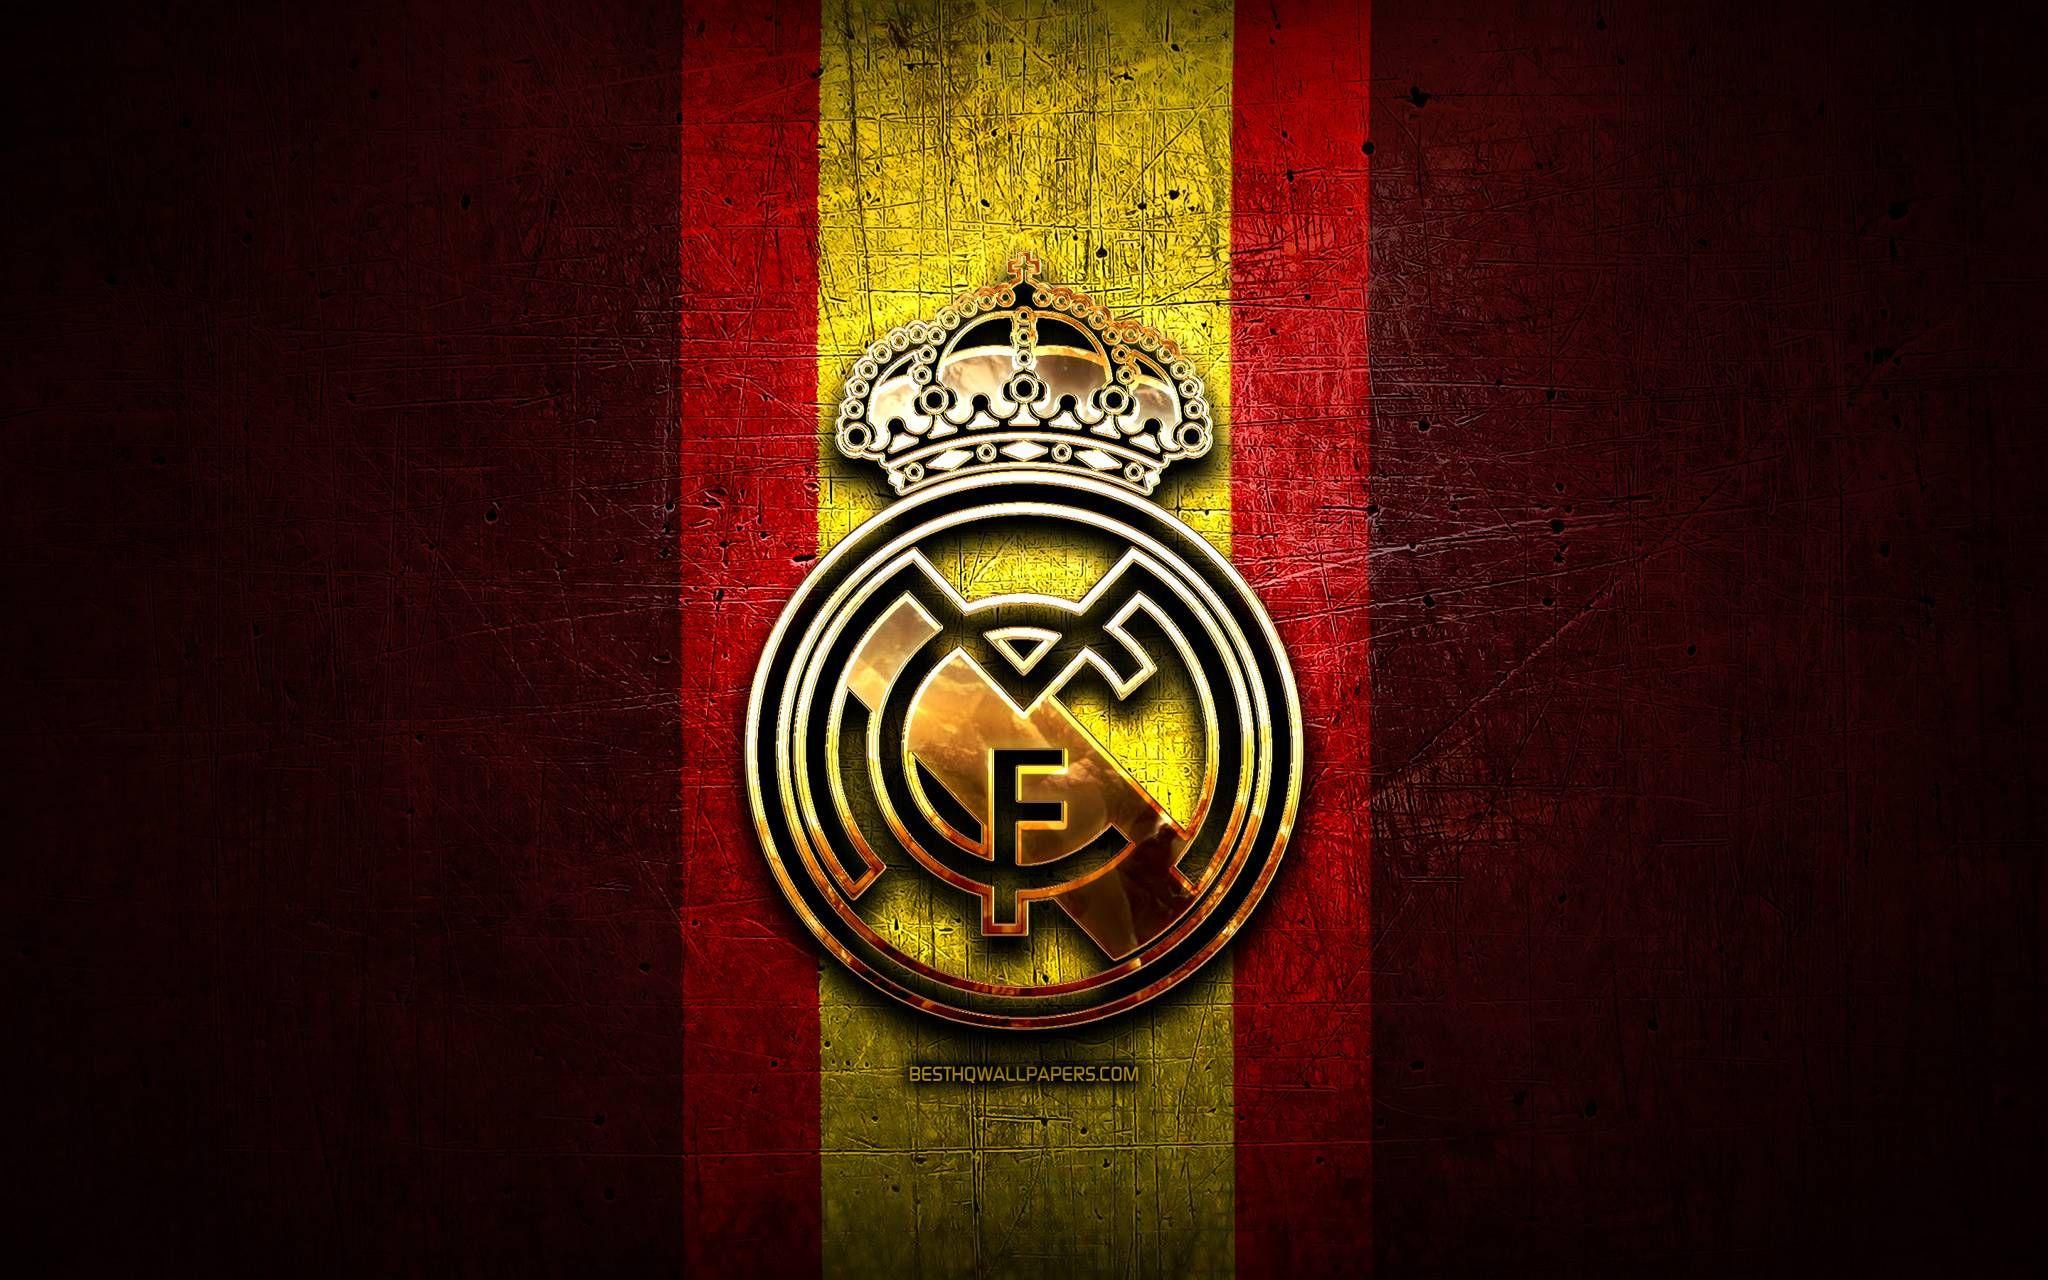 Pin oleh Markruse17 di Wallpaper Real Madrid di 2020